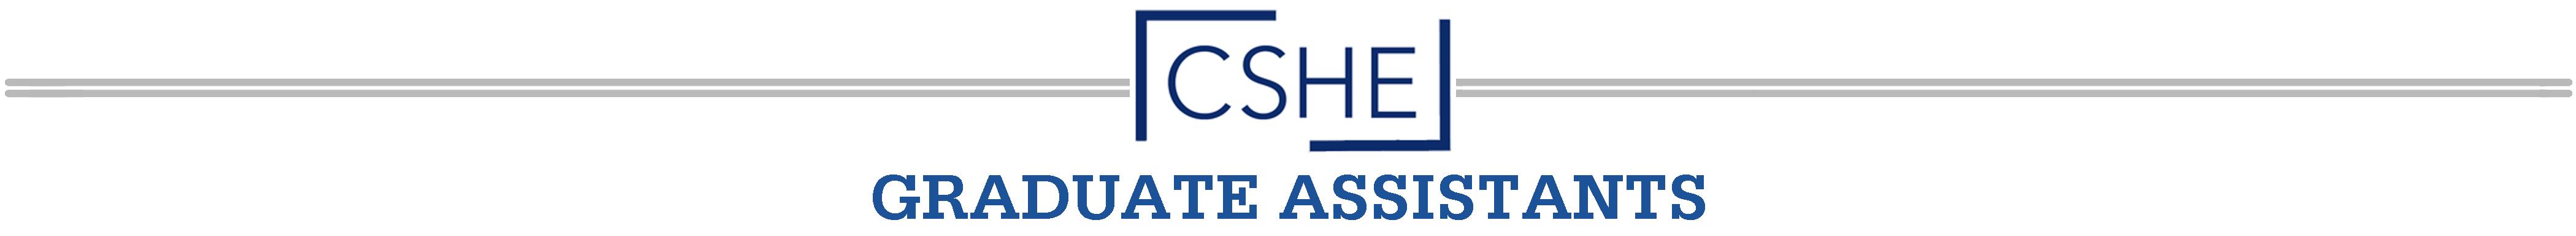 CSHE GRADUATE ASSISTANTS